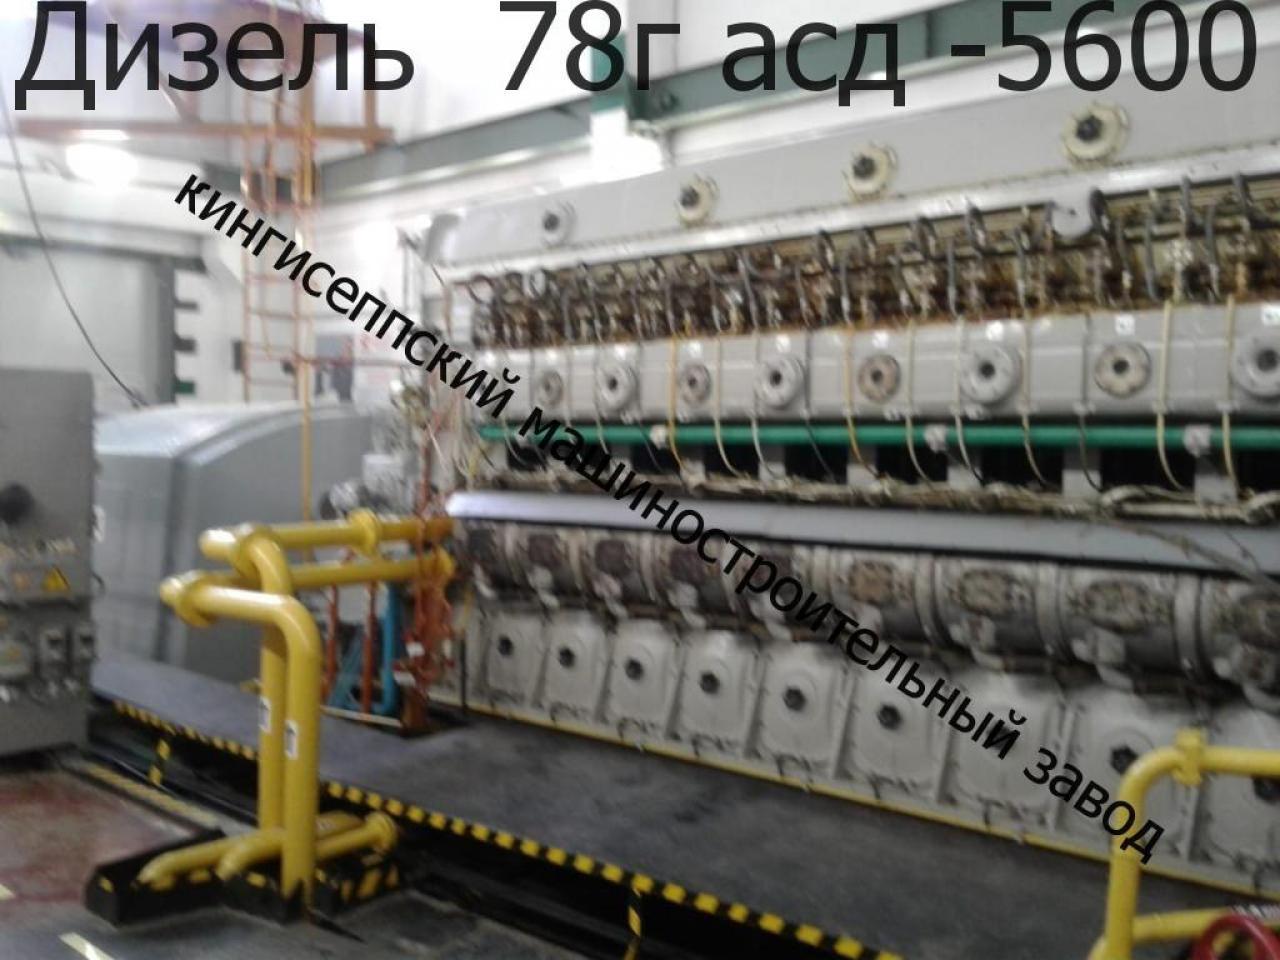 дизель генератор - 1